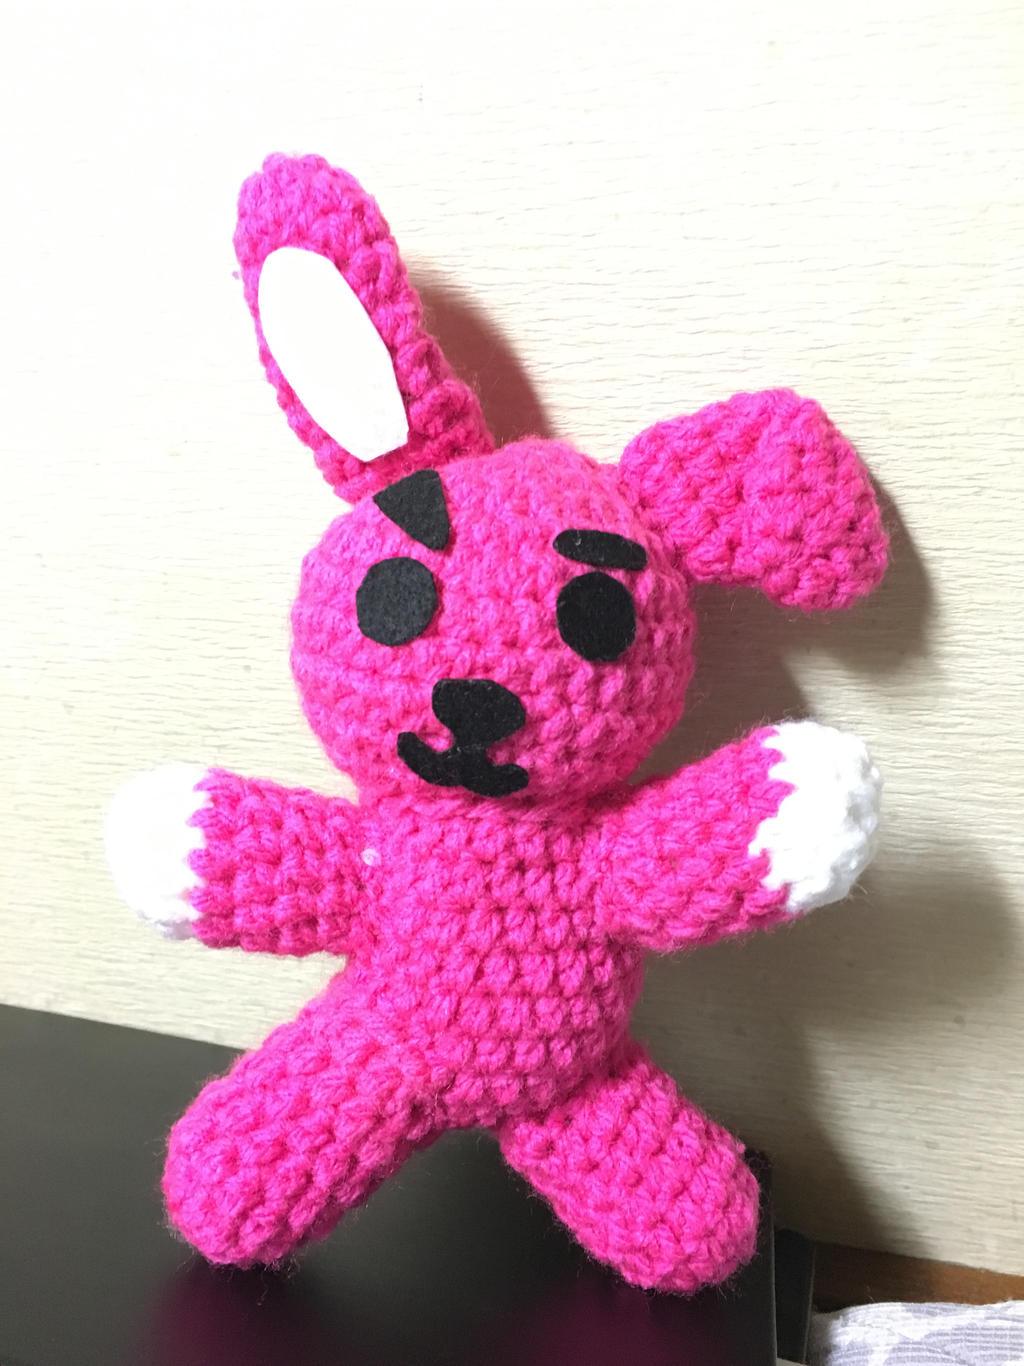 BT21 inspiriert Amigurumi häkeln Puppen BT21 häkeln Puppe / | Etsy | 1366x1024